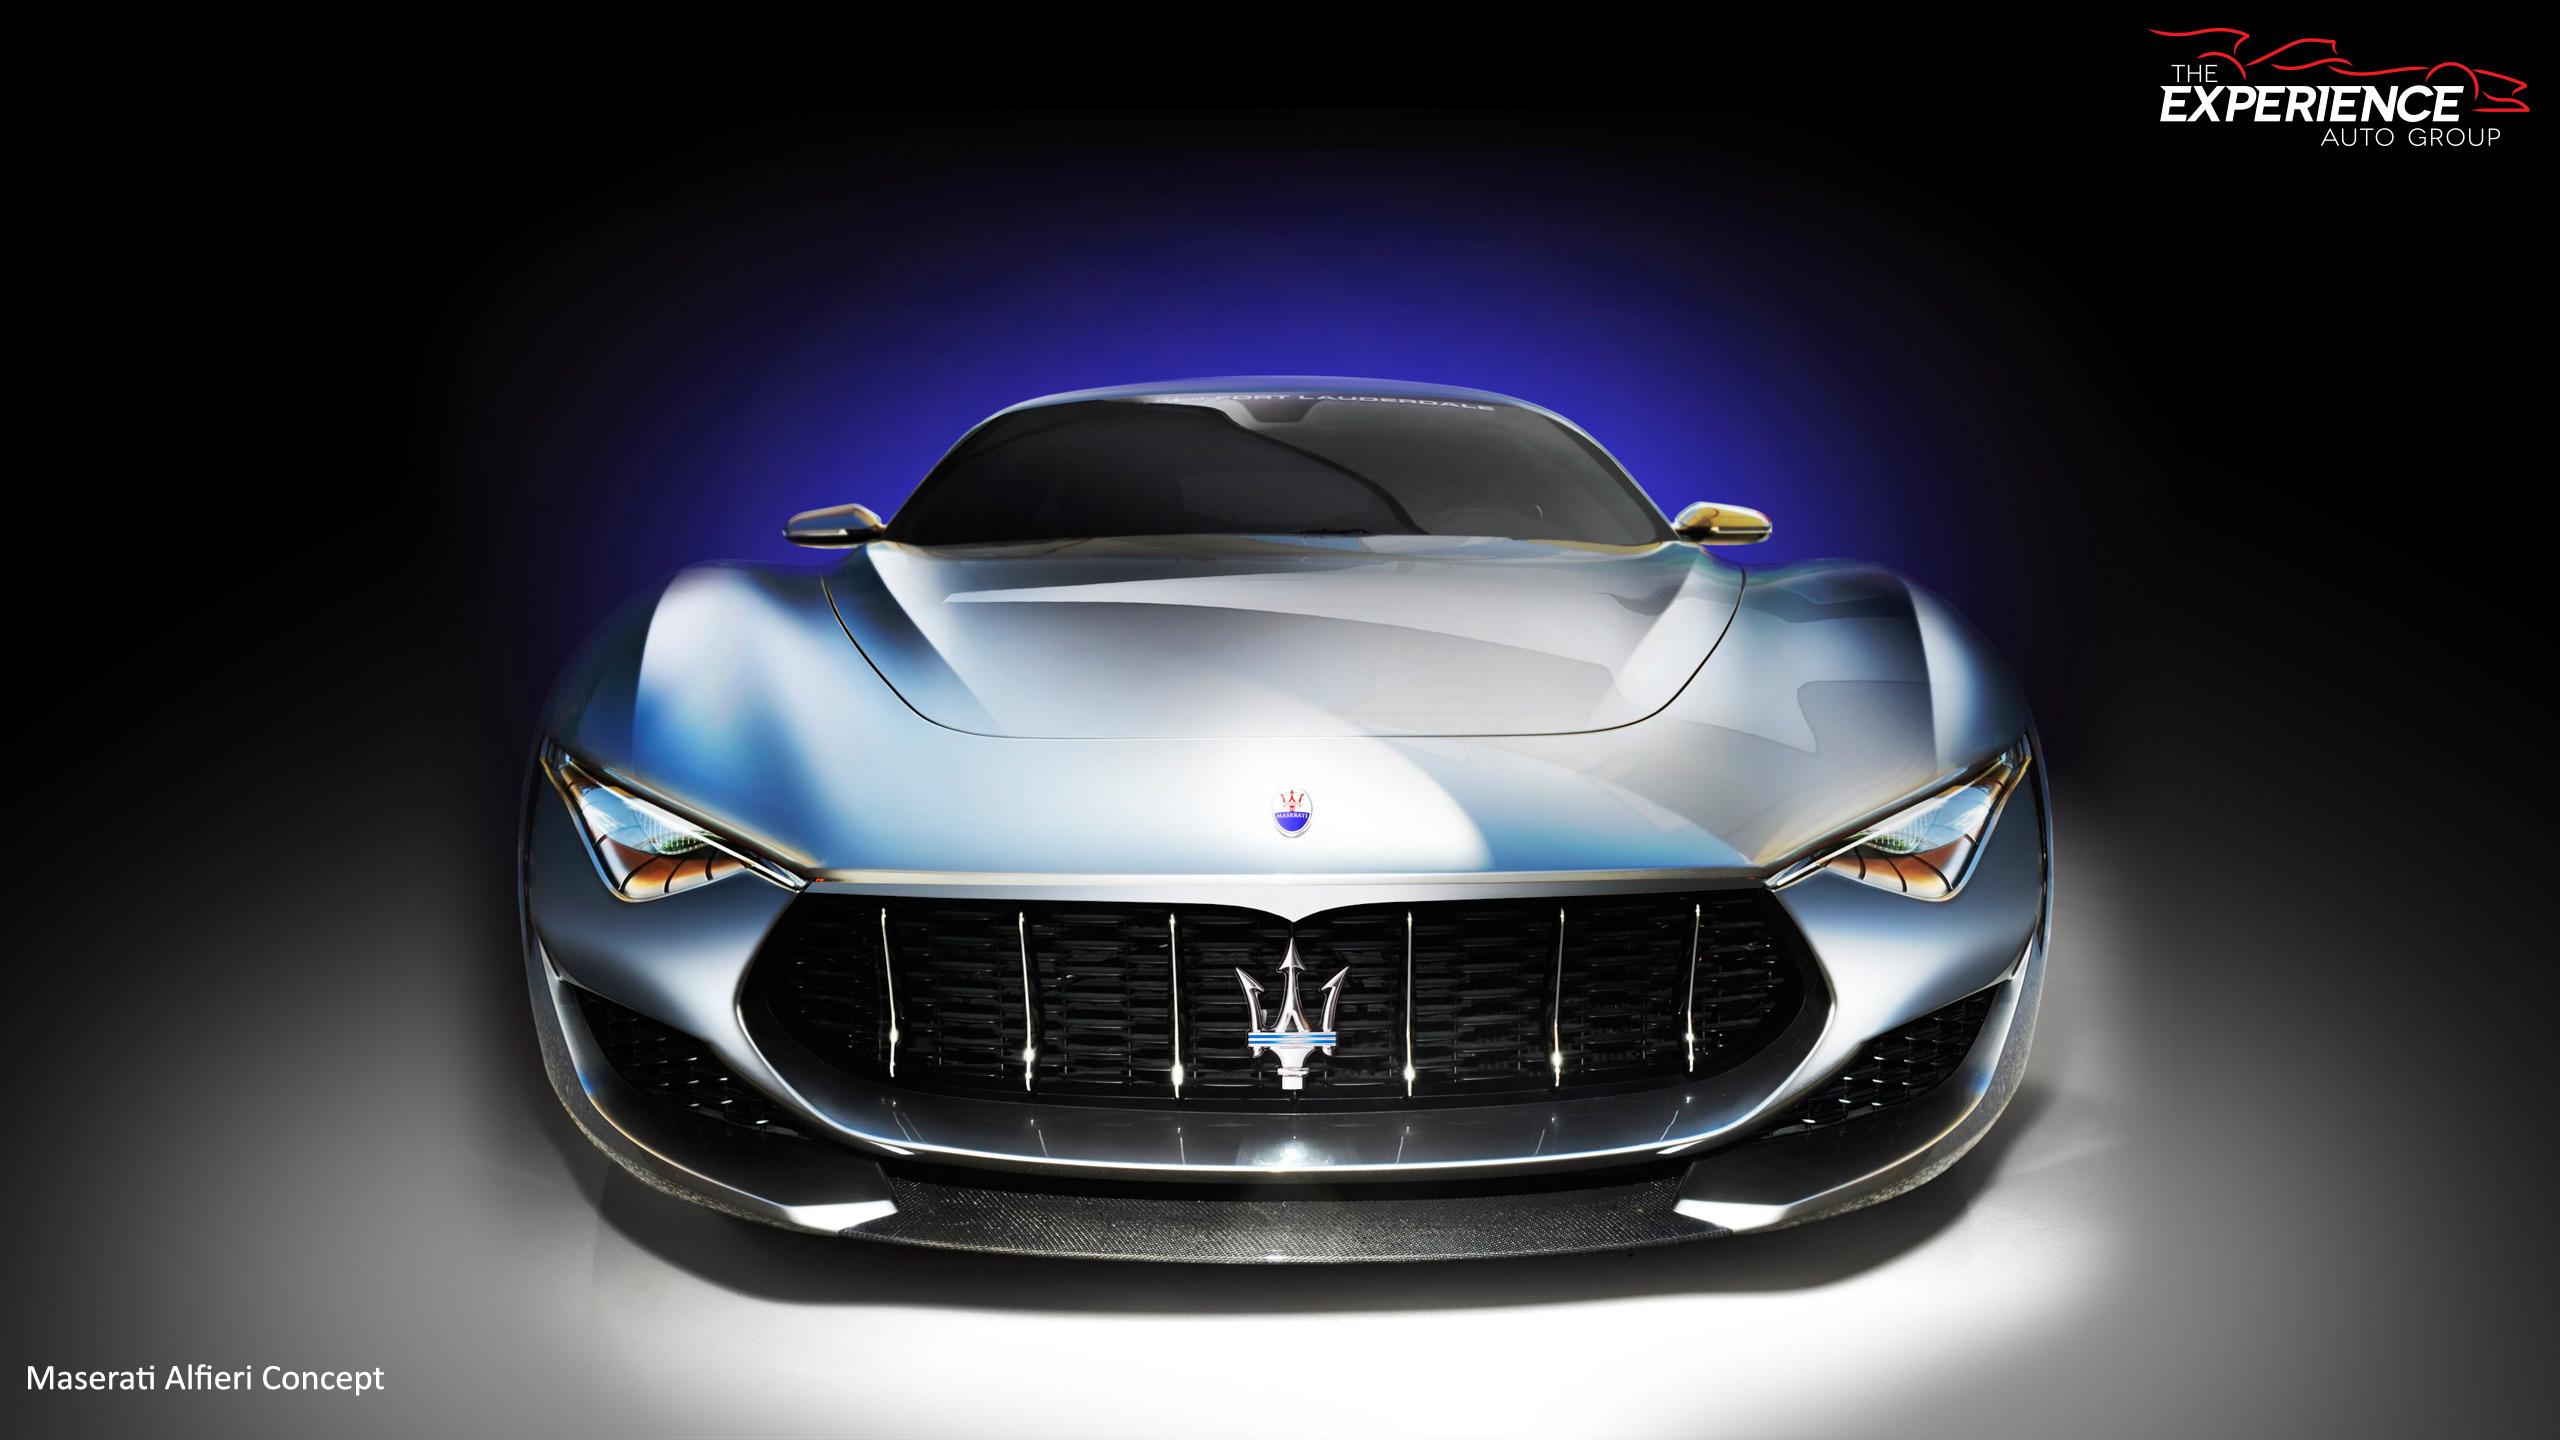 Maserati Wallpapers created by Maserati of Long Island 2560x1440